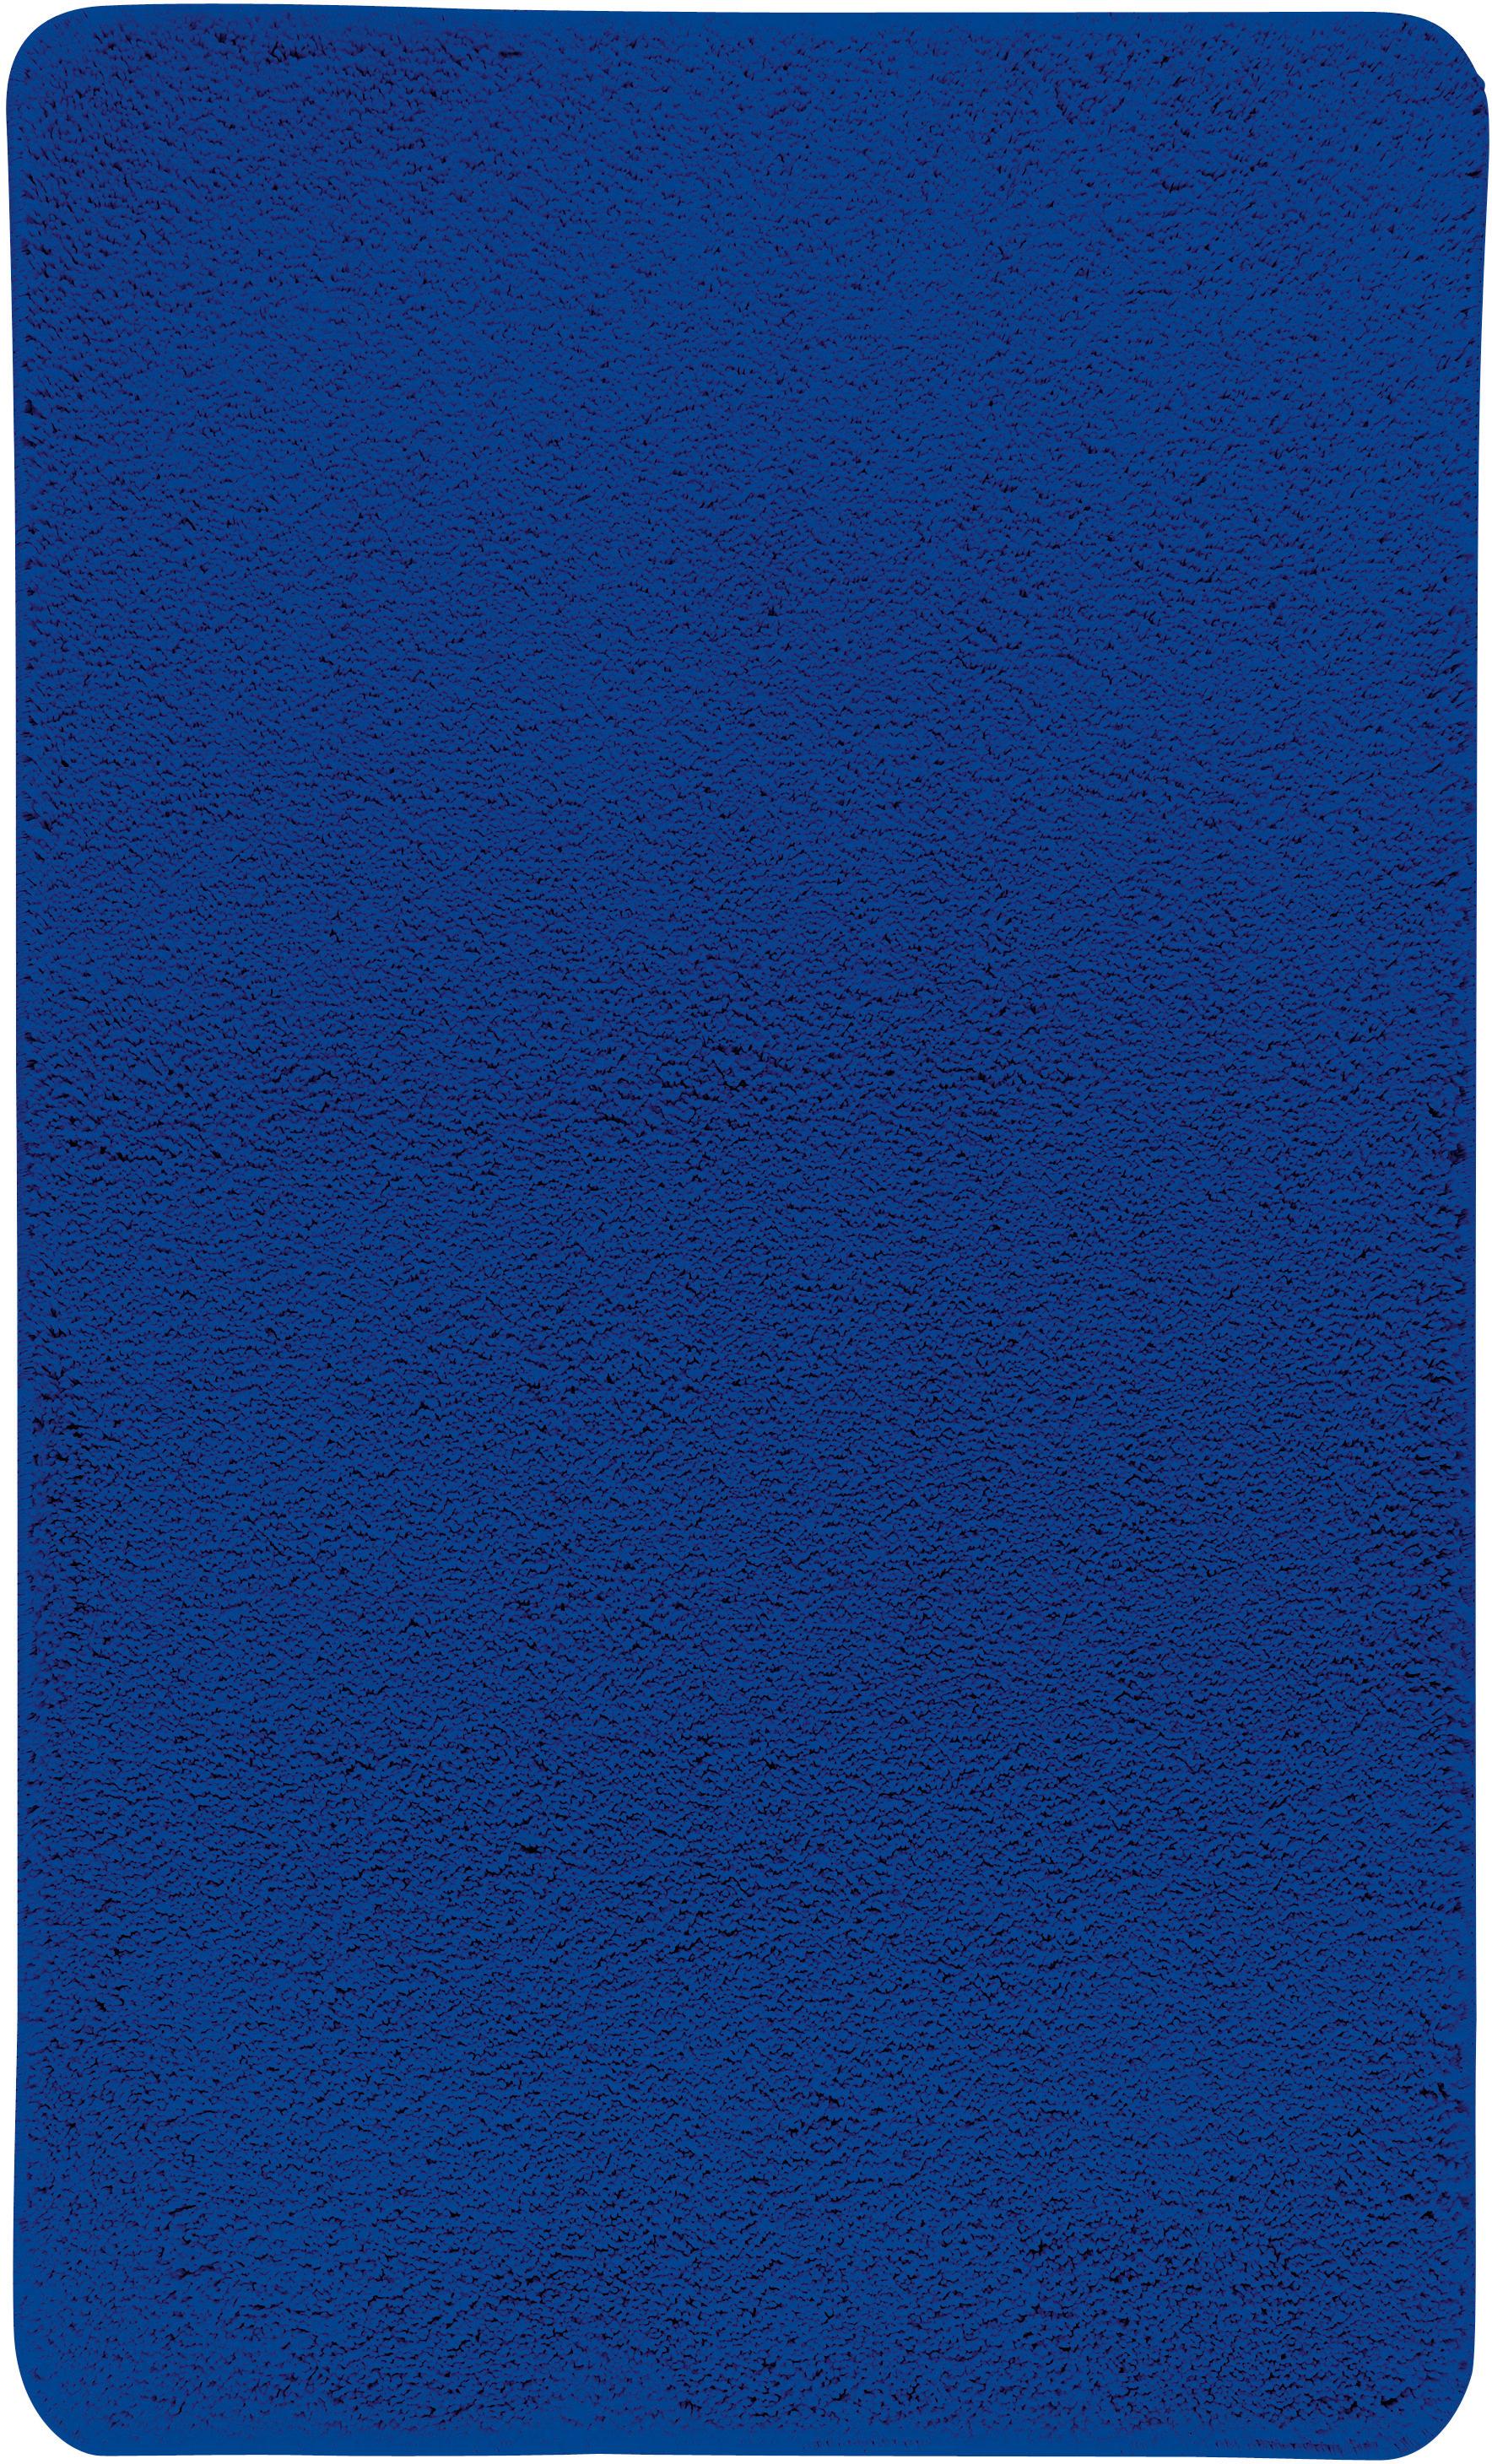 Коврик для ванной Axentia, прямоугольный, цвет: синий, 60 х 100 см116075Коврик для ванной комнаты из микрофибры, прямоугольный, большой 60х100 см. Высота ворса 1,5 см, стеганный. Противоскользящее основание изготовлено из термопластичной резины и подходит для полов с подогревом. Коврик мягкий и приятный на ощупь, отлично впитывает влагу и быстро сохнет. Можно стирать в стиральной машине. Высокая износостойкость коврика и стойкость цвета позволит вам наслаждаться покупкой долгие годы. Широкая гамма расцветок ковриков Axentia удовлетворит самый притязательный вкус.